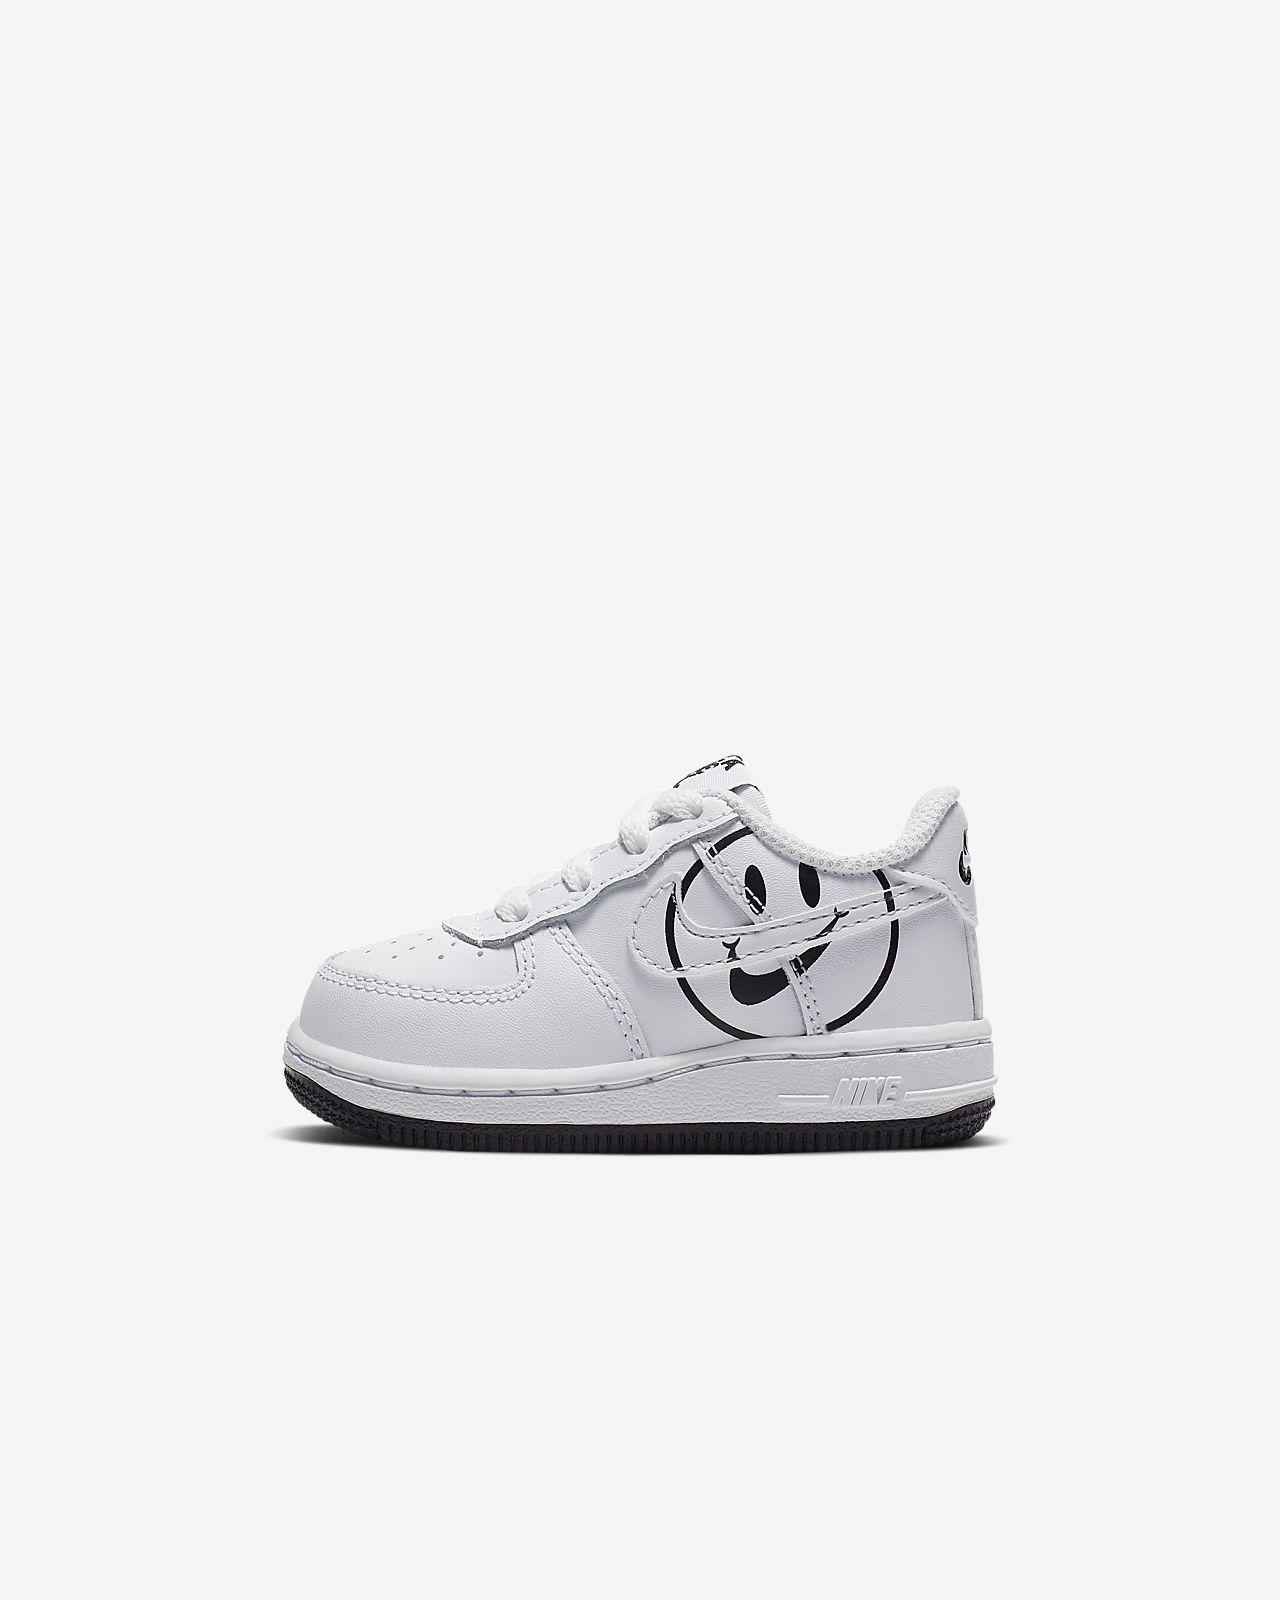 on sale 76508 39a56 ... Chaussure Nike Force 1 LV8 2 pour Bébé et Petit enfant